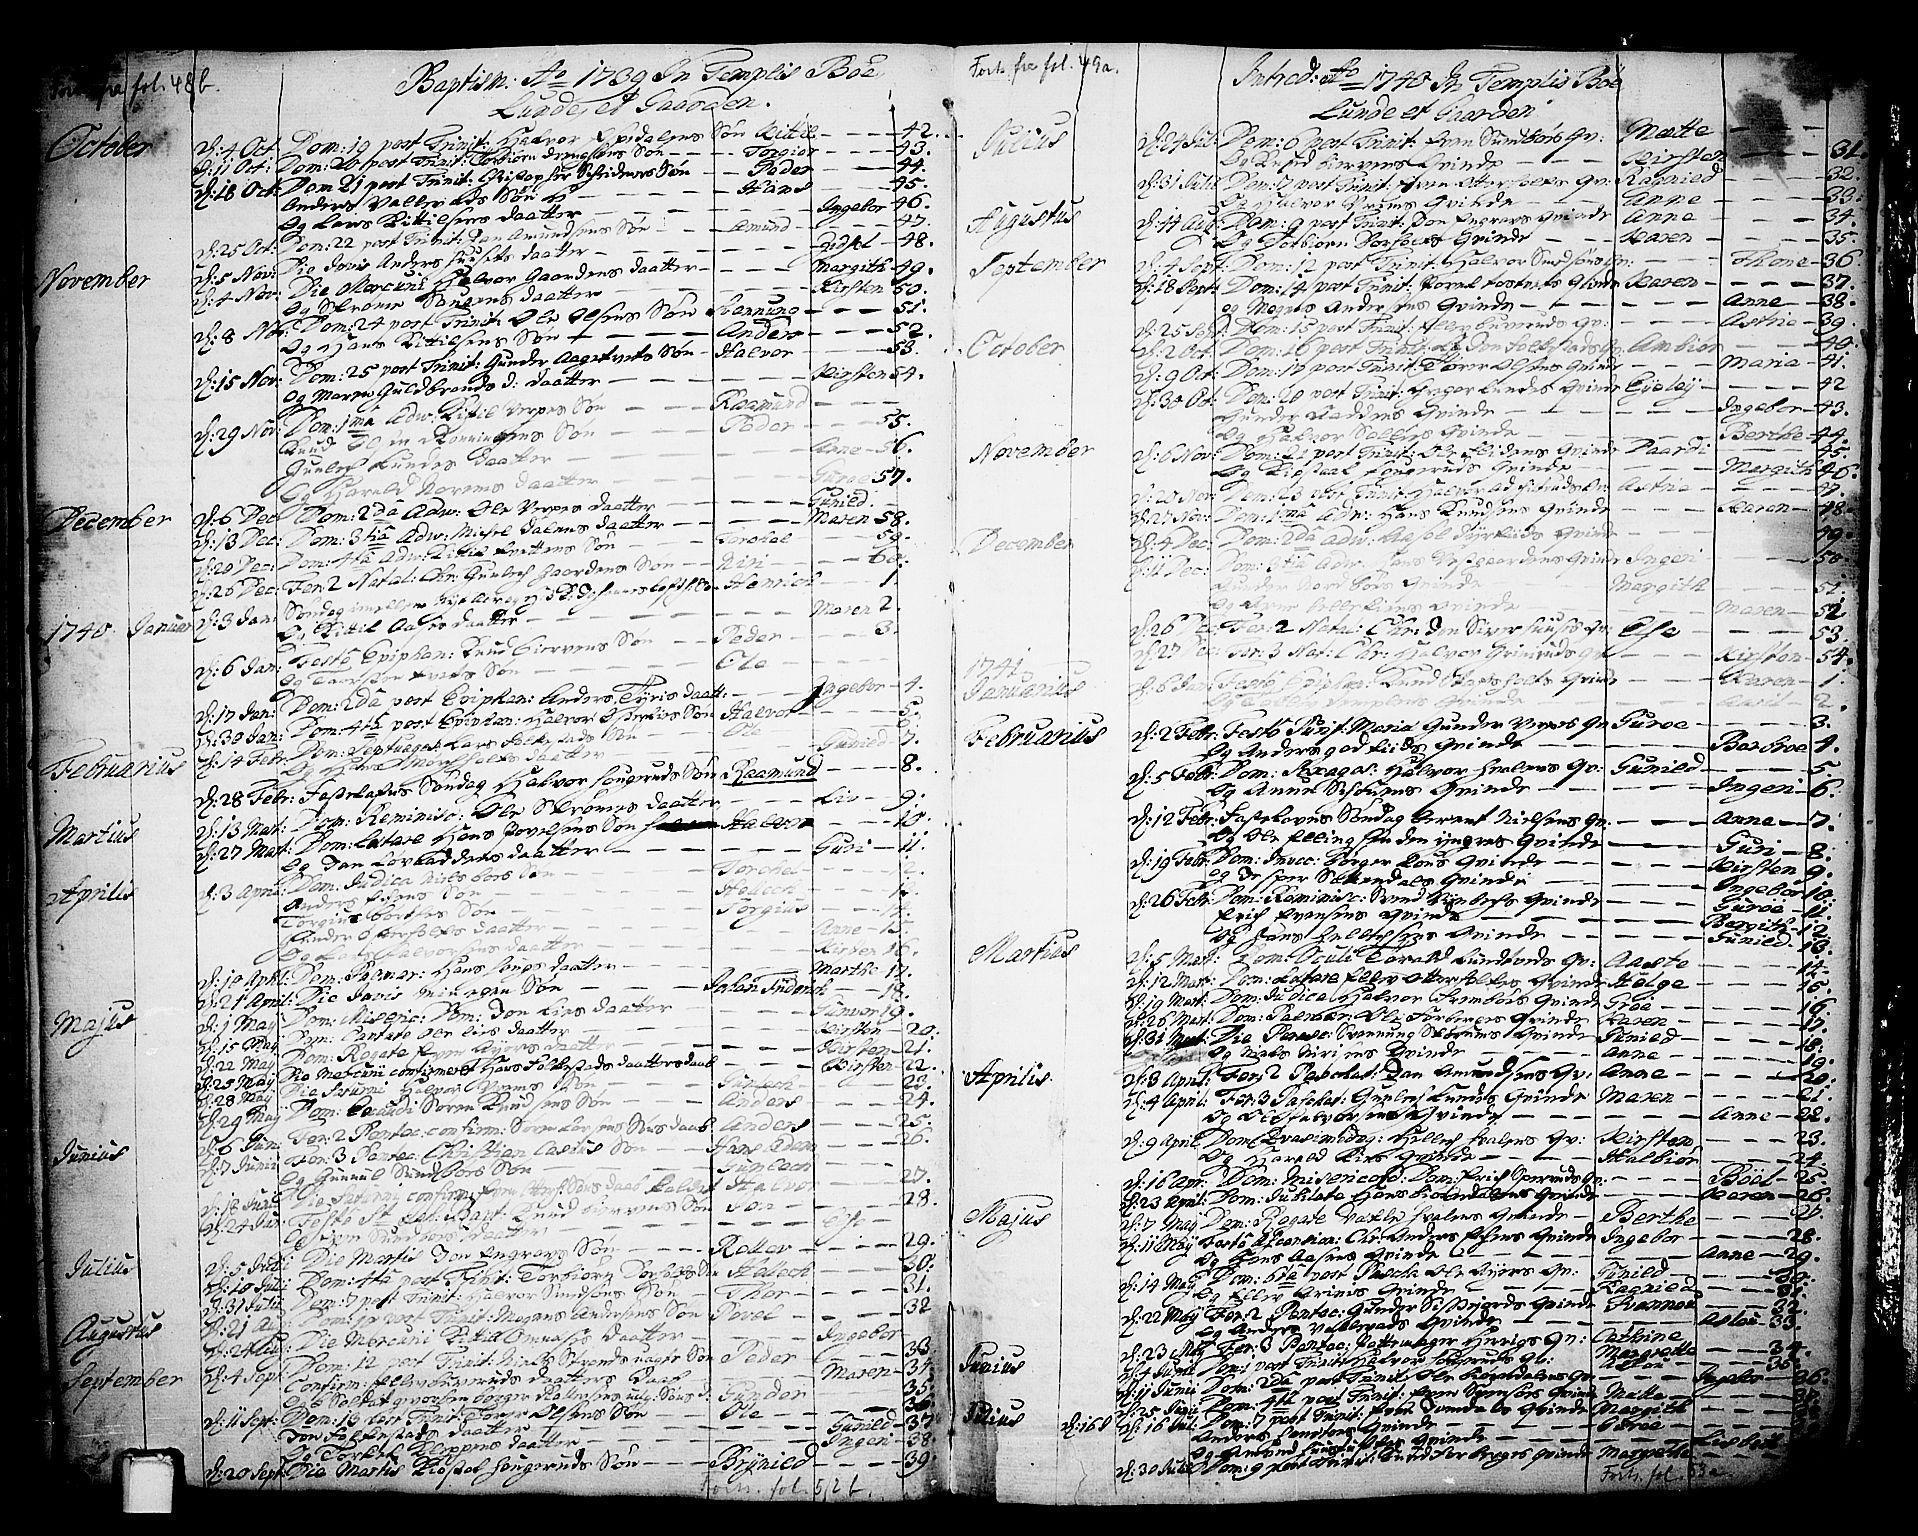 SAKO, Bø kirkebøker, F/Fa/L0003: Ministerialbok nr. 3, 1733-1748, s. 51